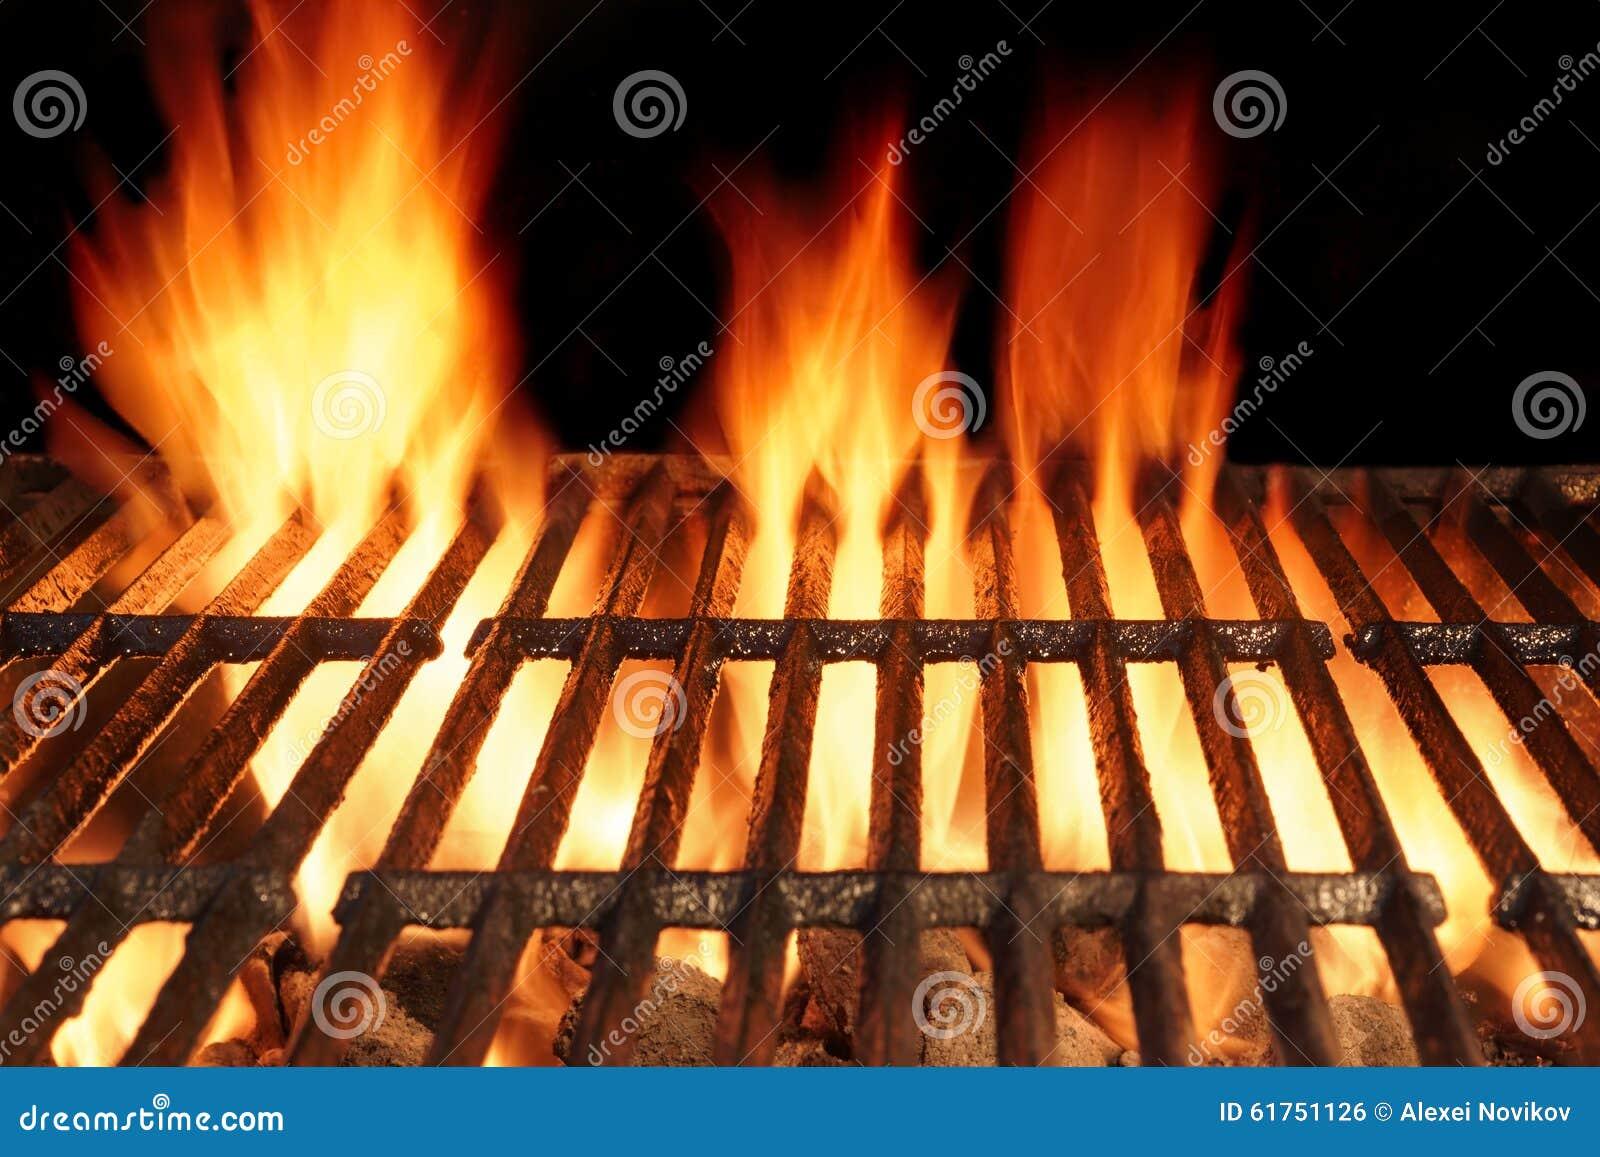 Grade quente do ferro fundido vazio do BBQ com fogo ardente do carvão vegetal